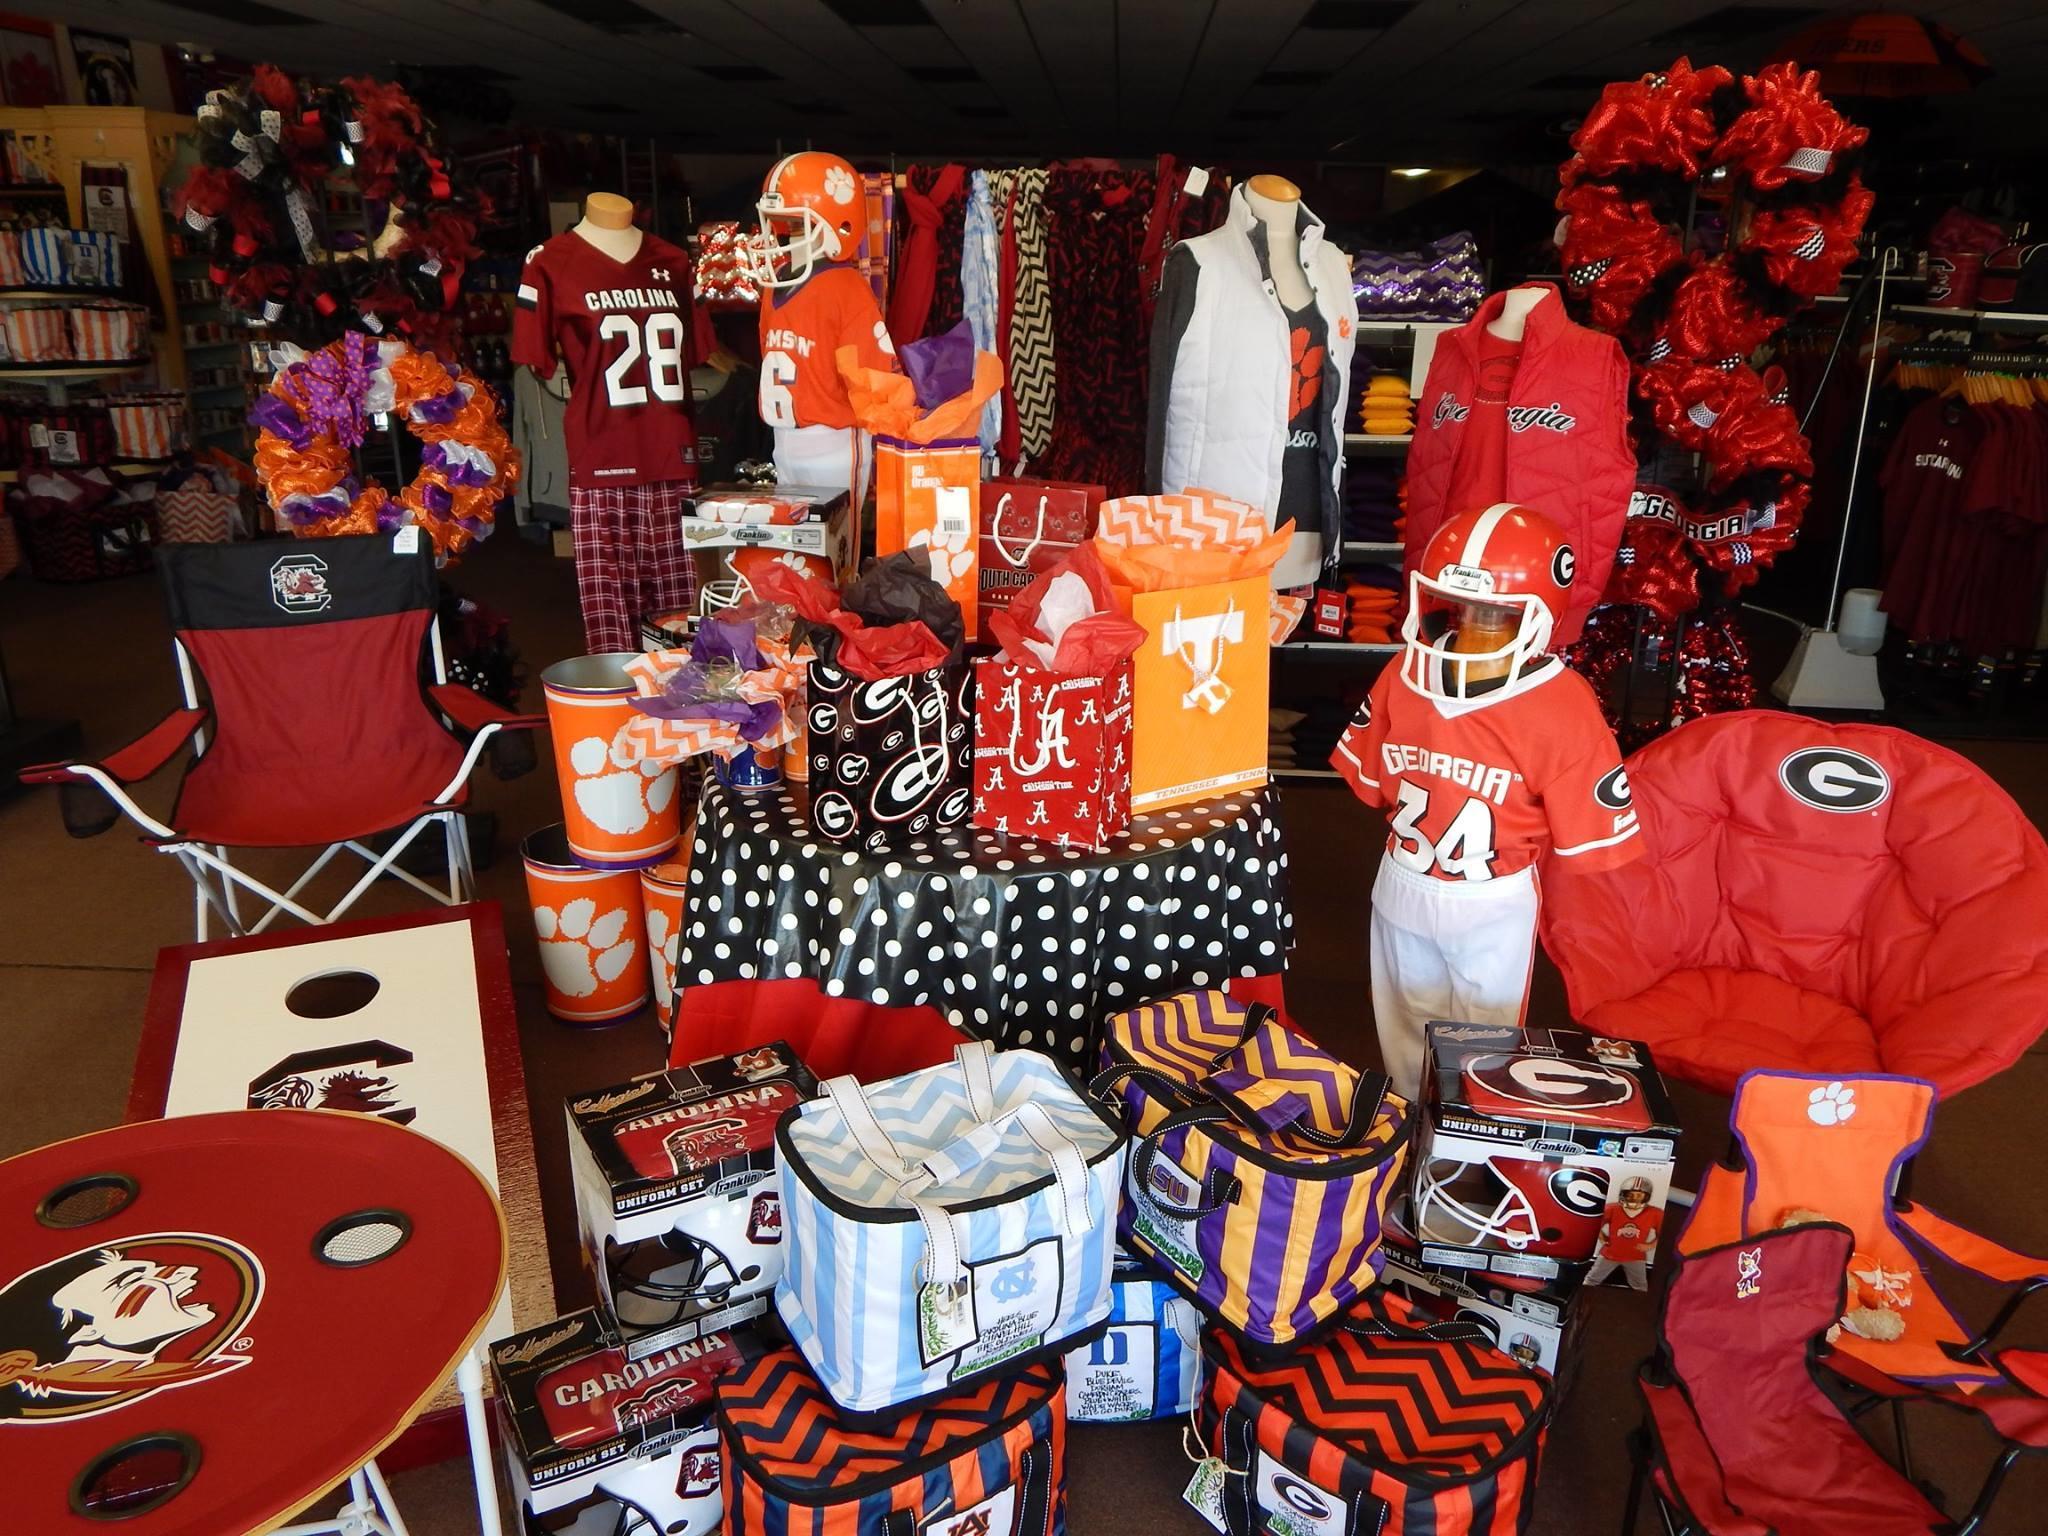 The University Shoppe image 3